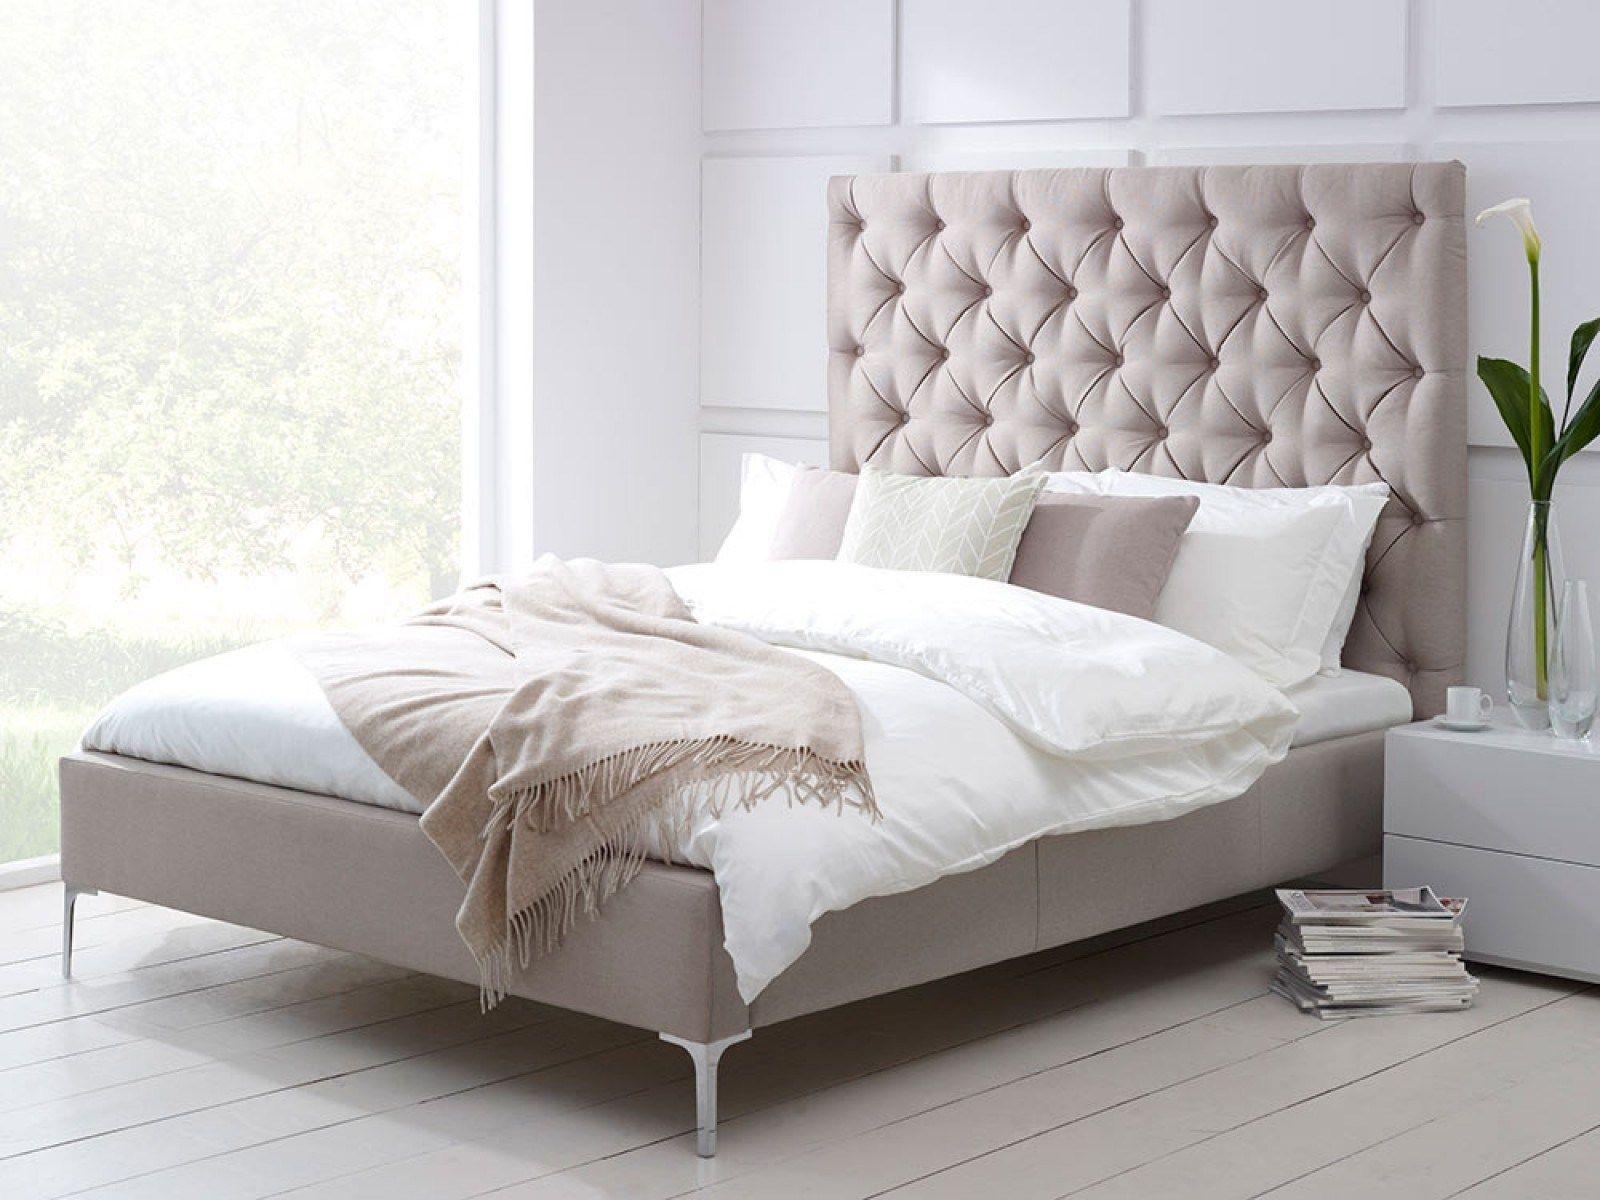 Cm7679 Mirabelle Black Bed Black Bed Black Tufted Bed High Headboard Bed Bed Frame Sets Furniture Upholstered Platform Bed